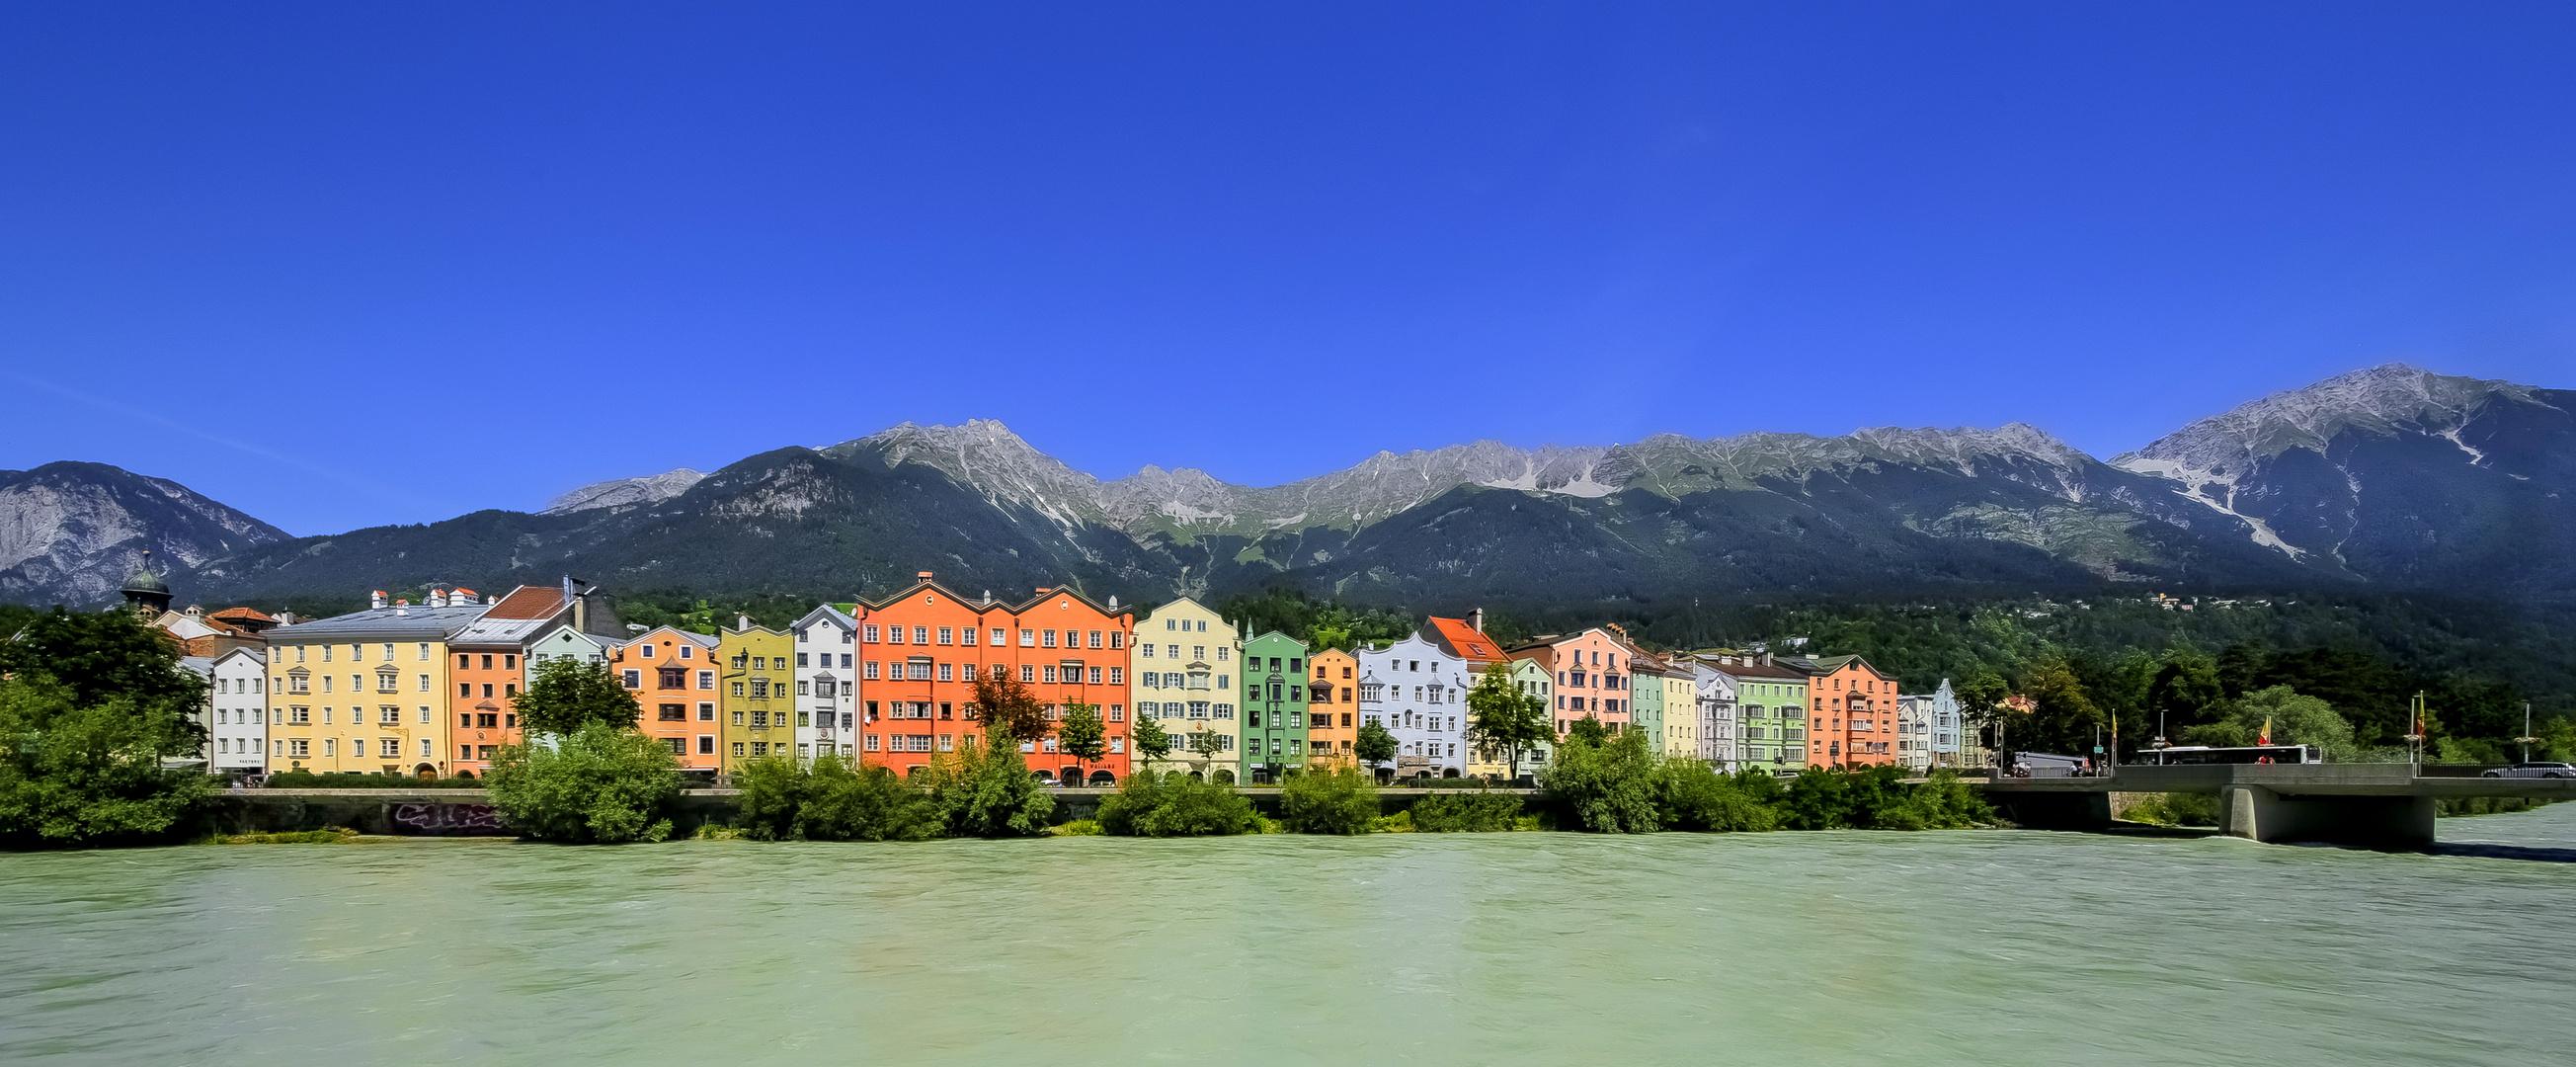 Innsbruck am Inn II